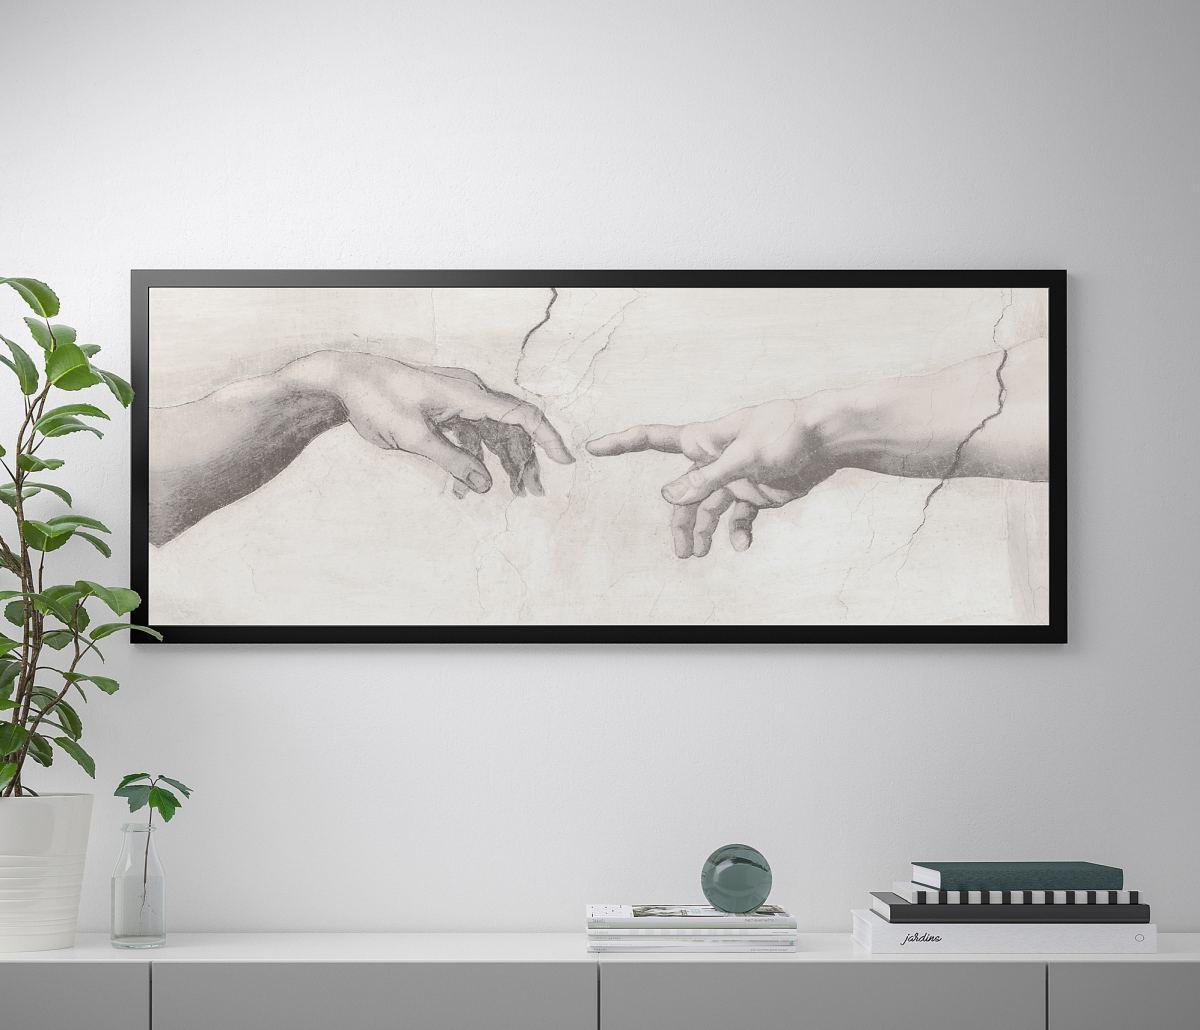 quadro-stampa-su-tela-ikea-tocco-dio-uomo-bianco-e-nero-buonarroti